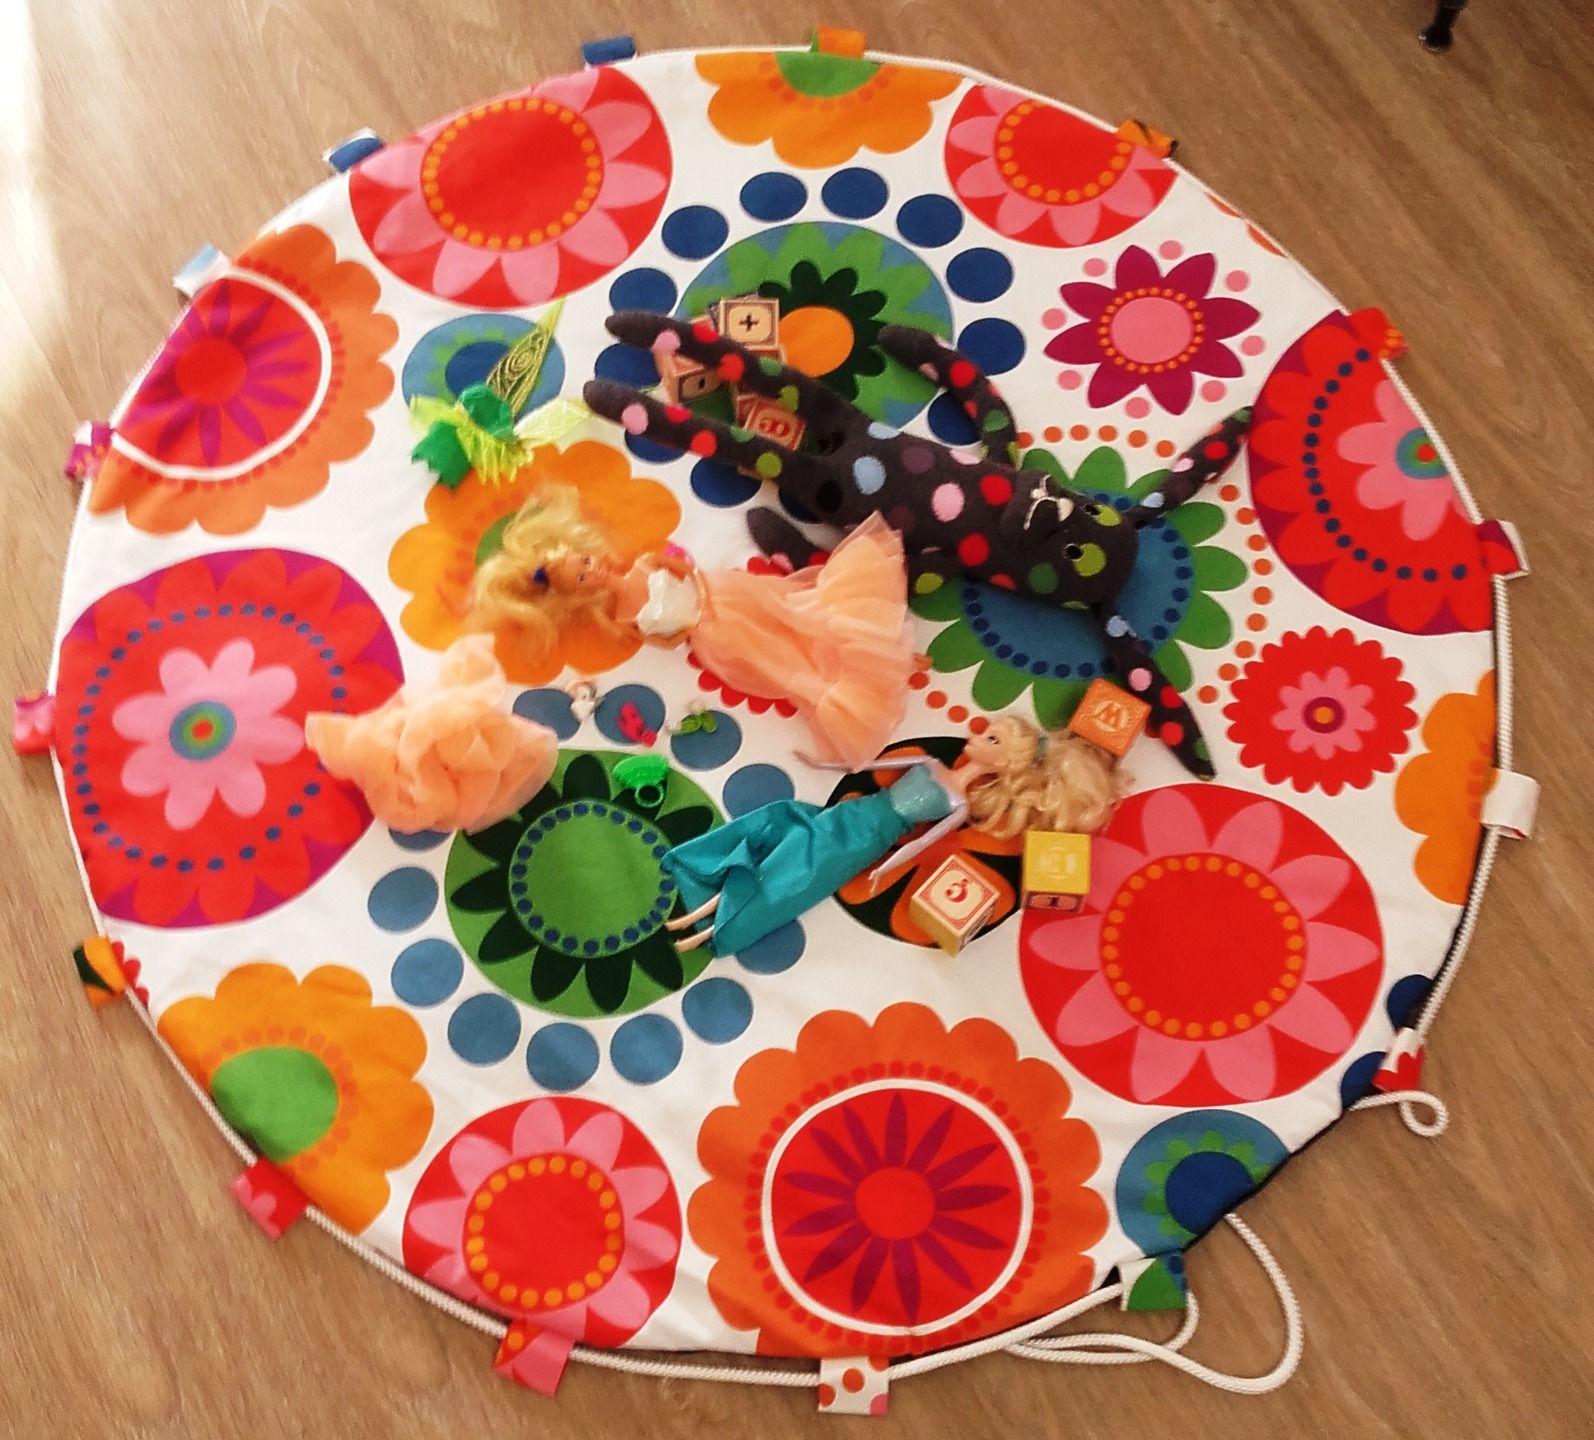 tapis de jeux nomade sac jouets motifs fleurs 70 39 multicolores jeux jouets par. Black Bedroom Furniture Sets. Home Design Ideas